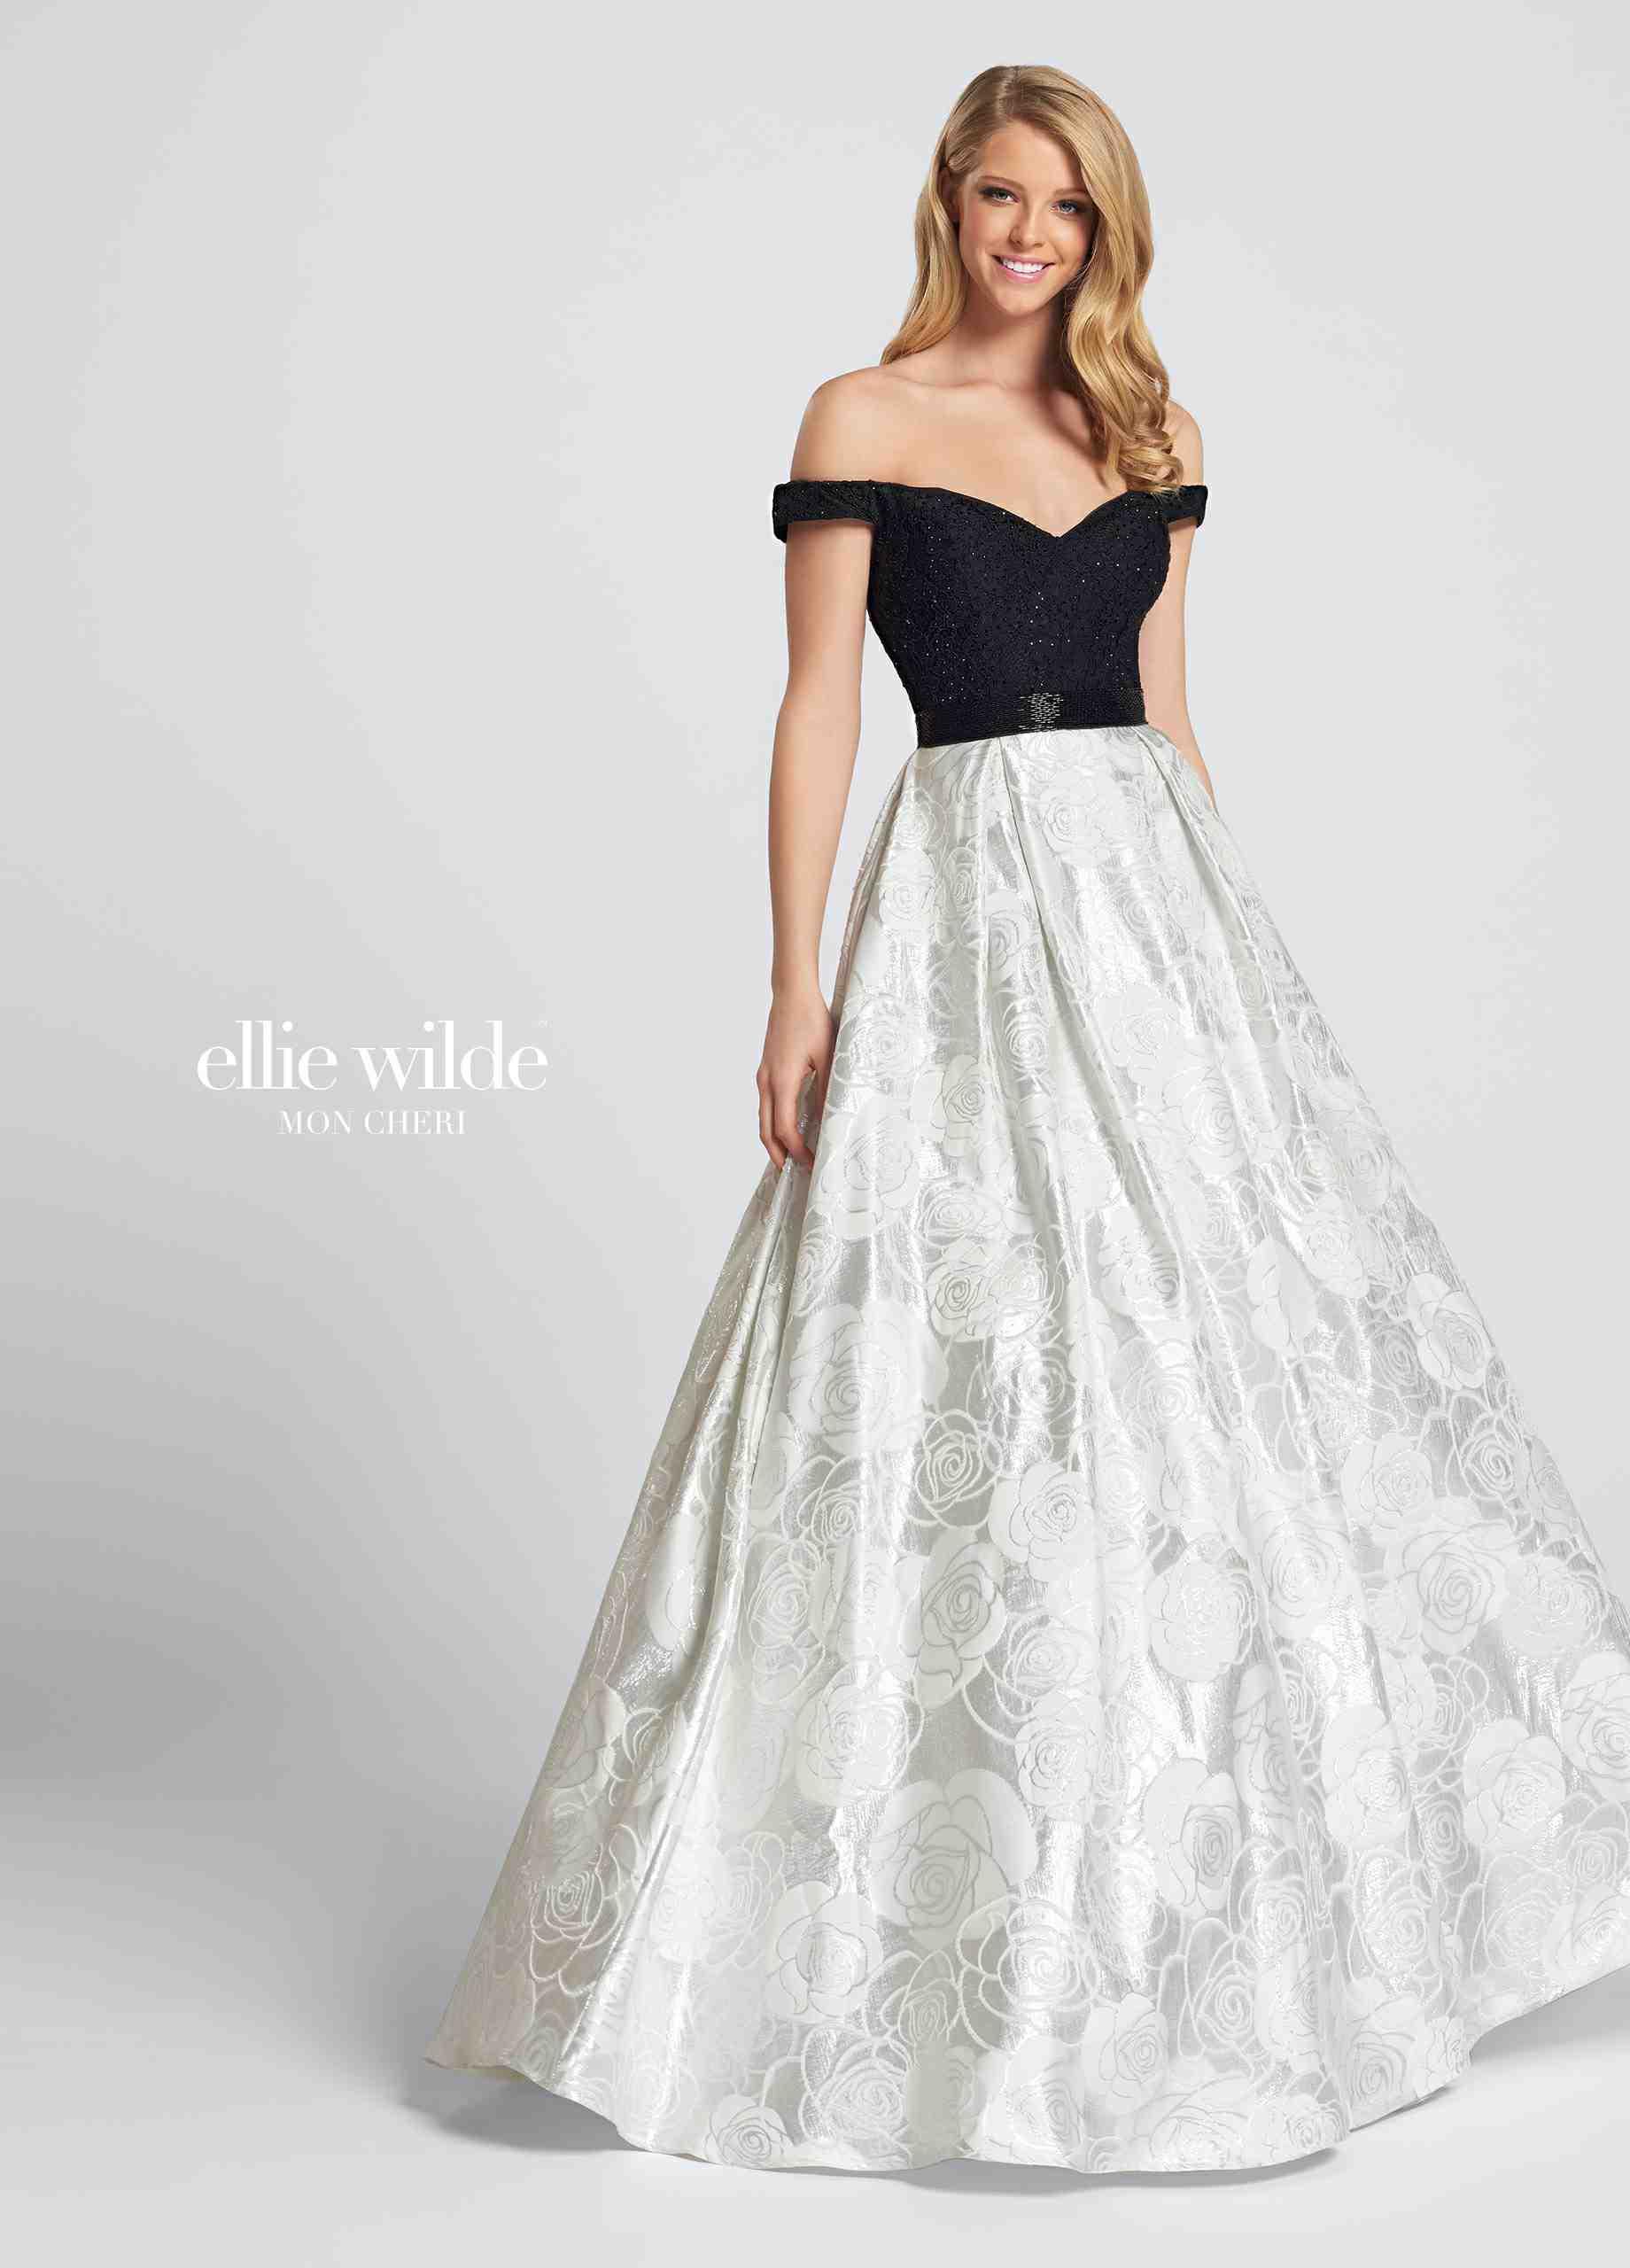 2019 genç düğün elbise modelleri